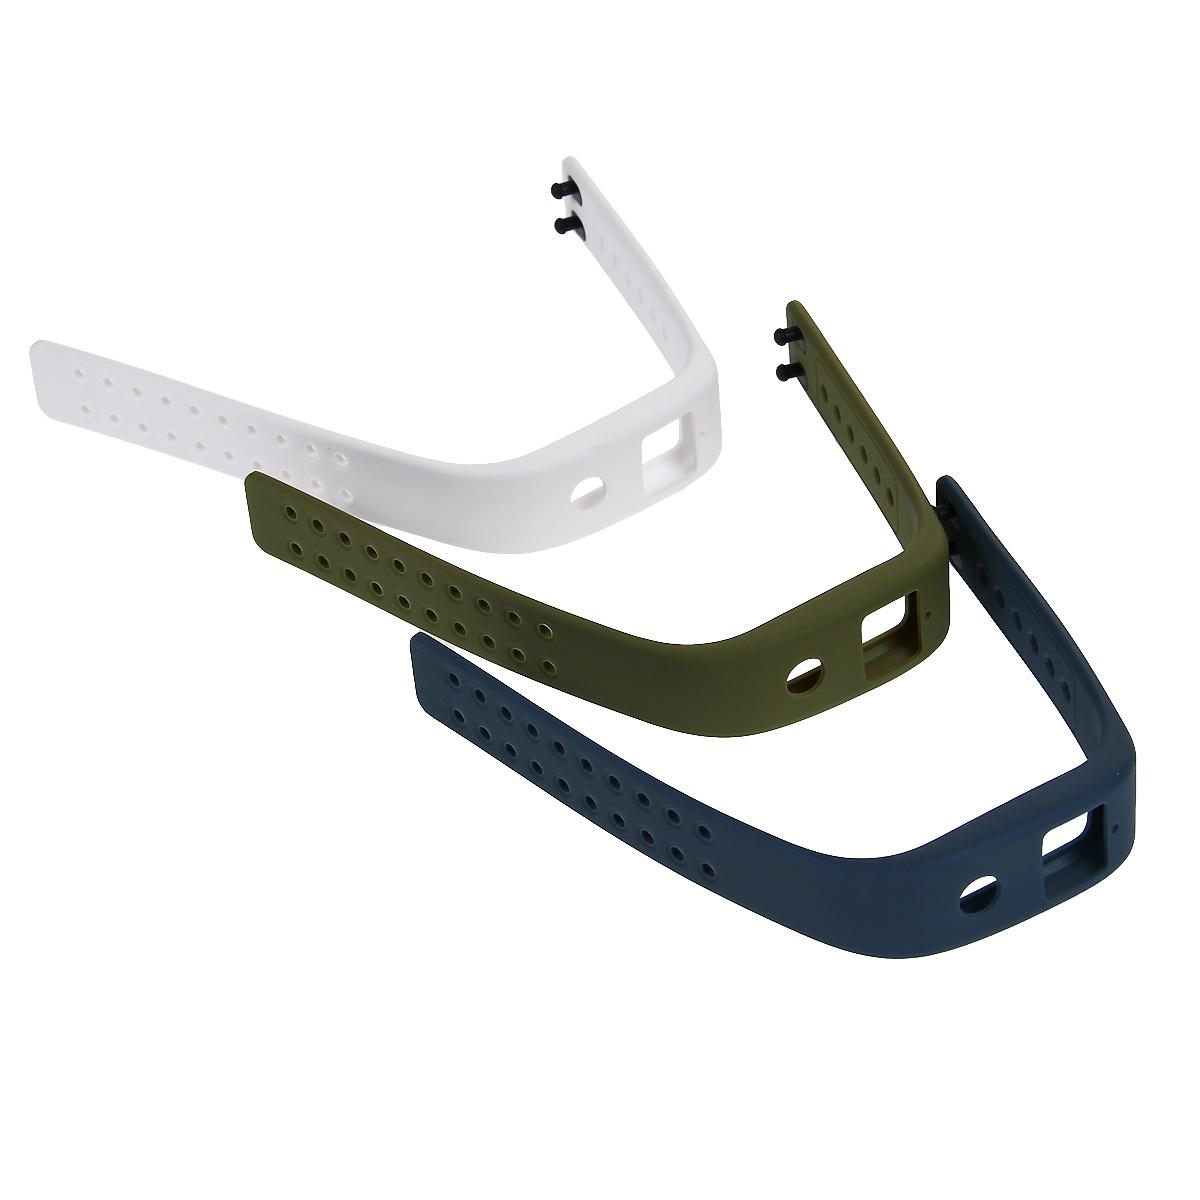 Комплект ремней для Runtastic Orbit, цвет: зеленый, белый, серый